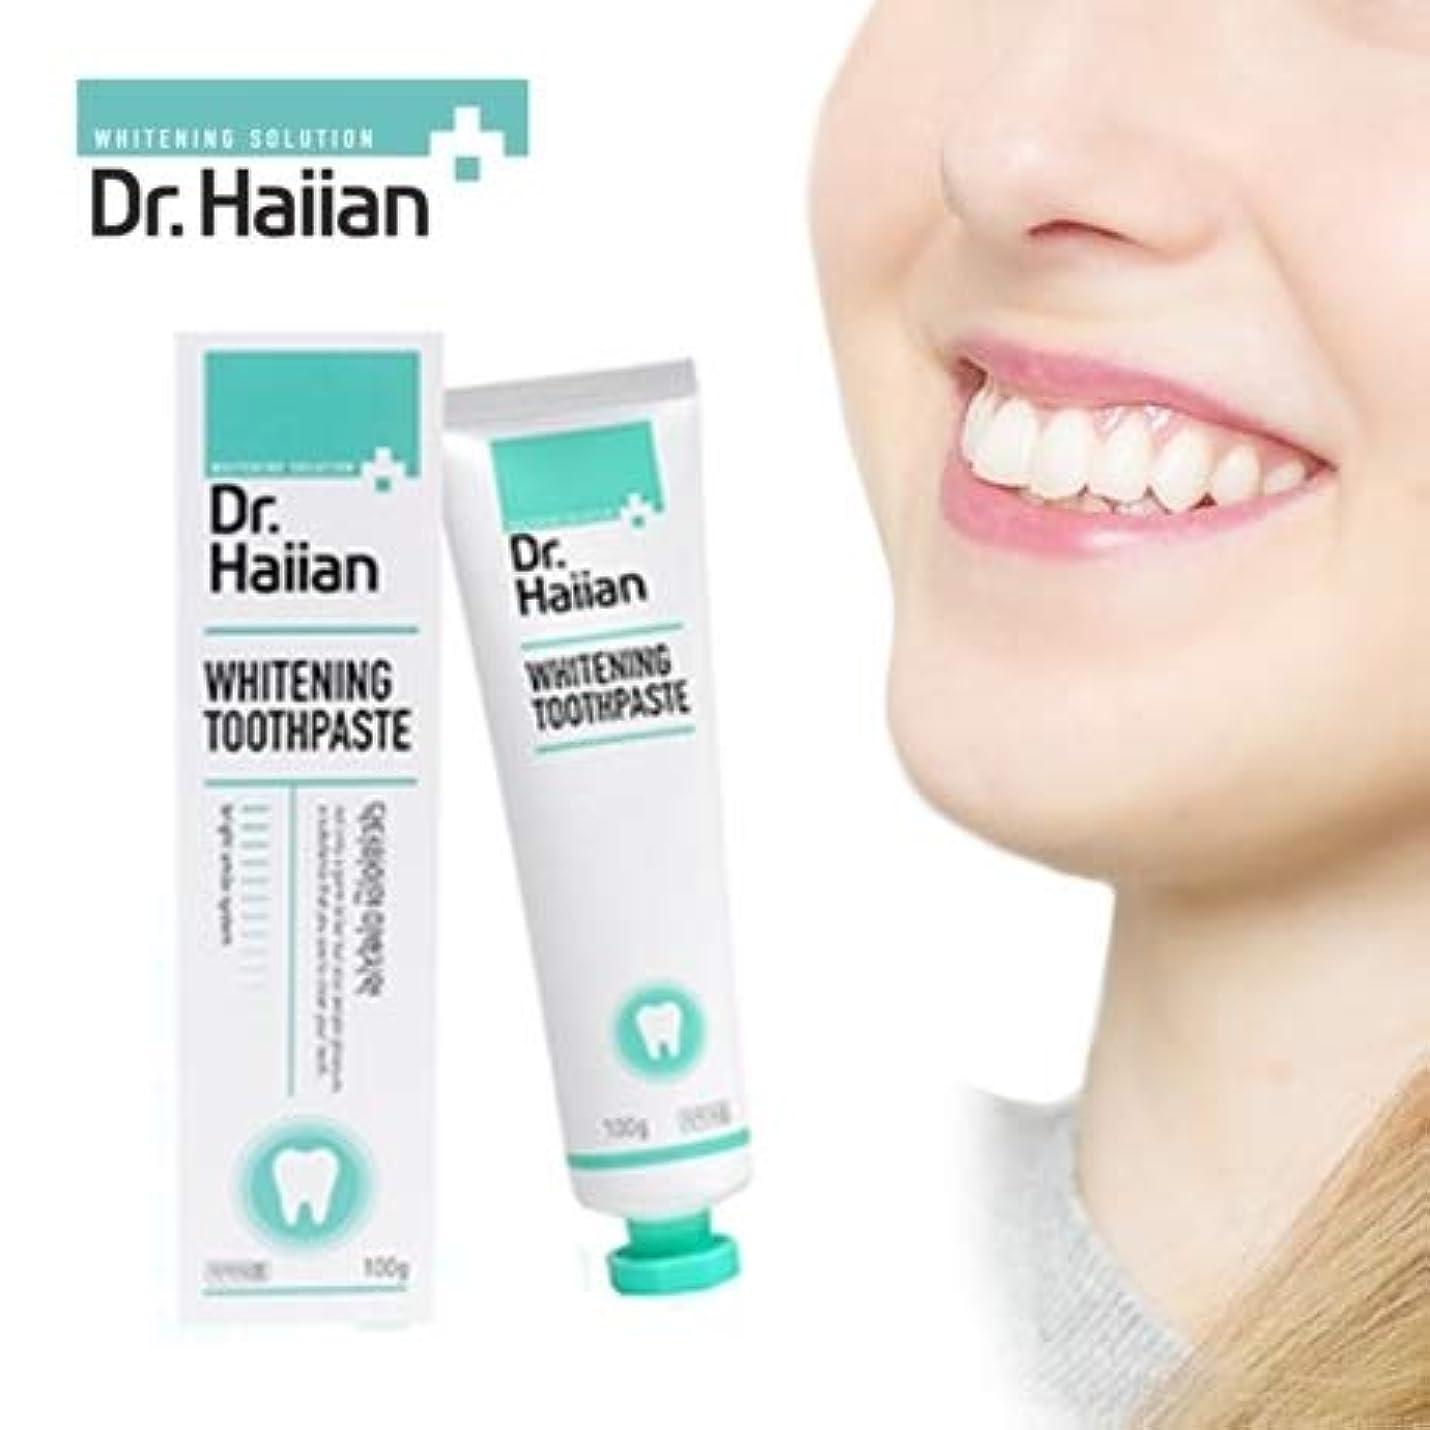 品リンス余剰Dr.Haiian WHITENING TOOTHPASTE ホワイトニング歯磨き粉 100g,韩国正品